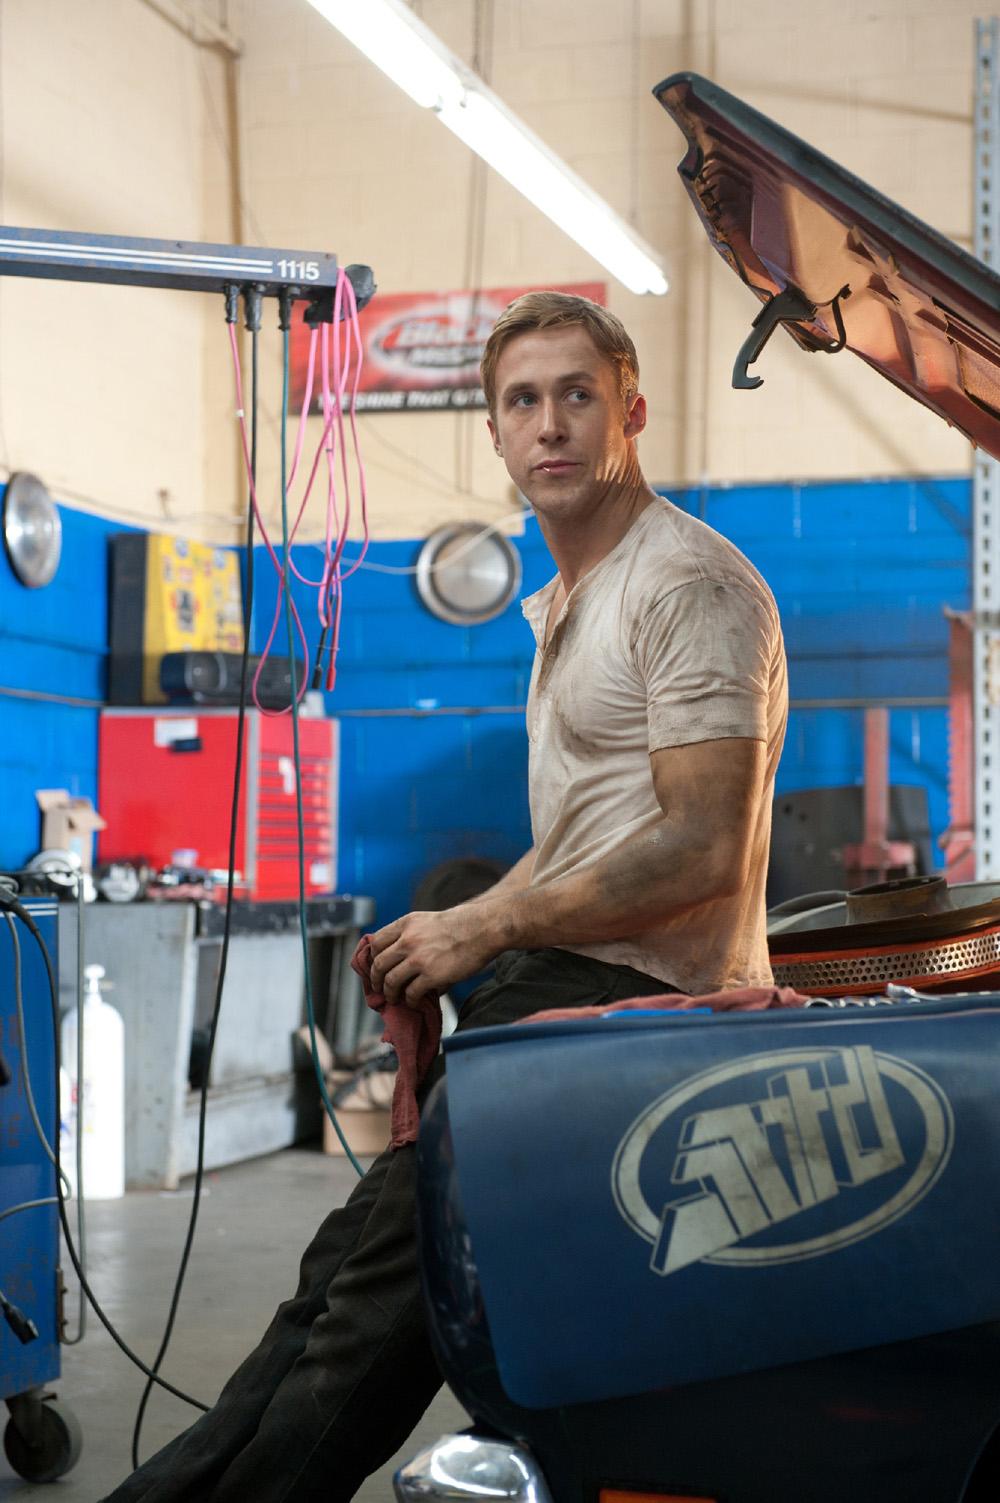 In foto Ryan Gosling (39 anni) Dall'articolo: Nicolas Winding Refn, il danese tranquillo.